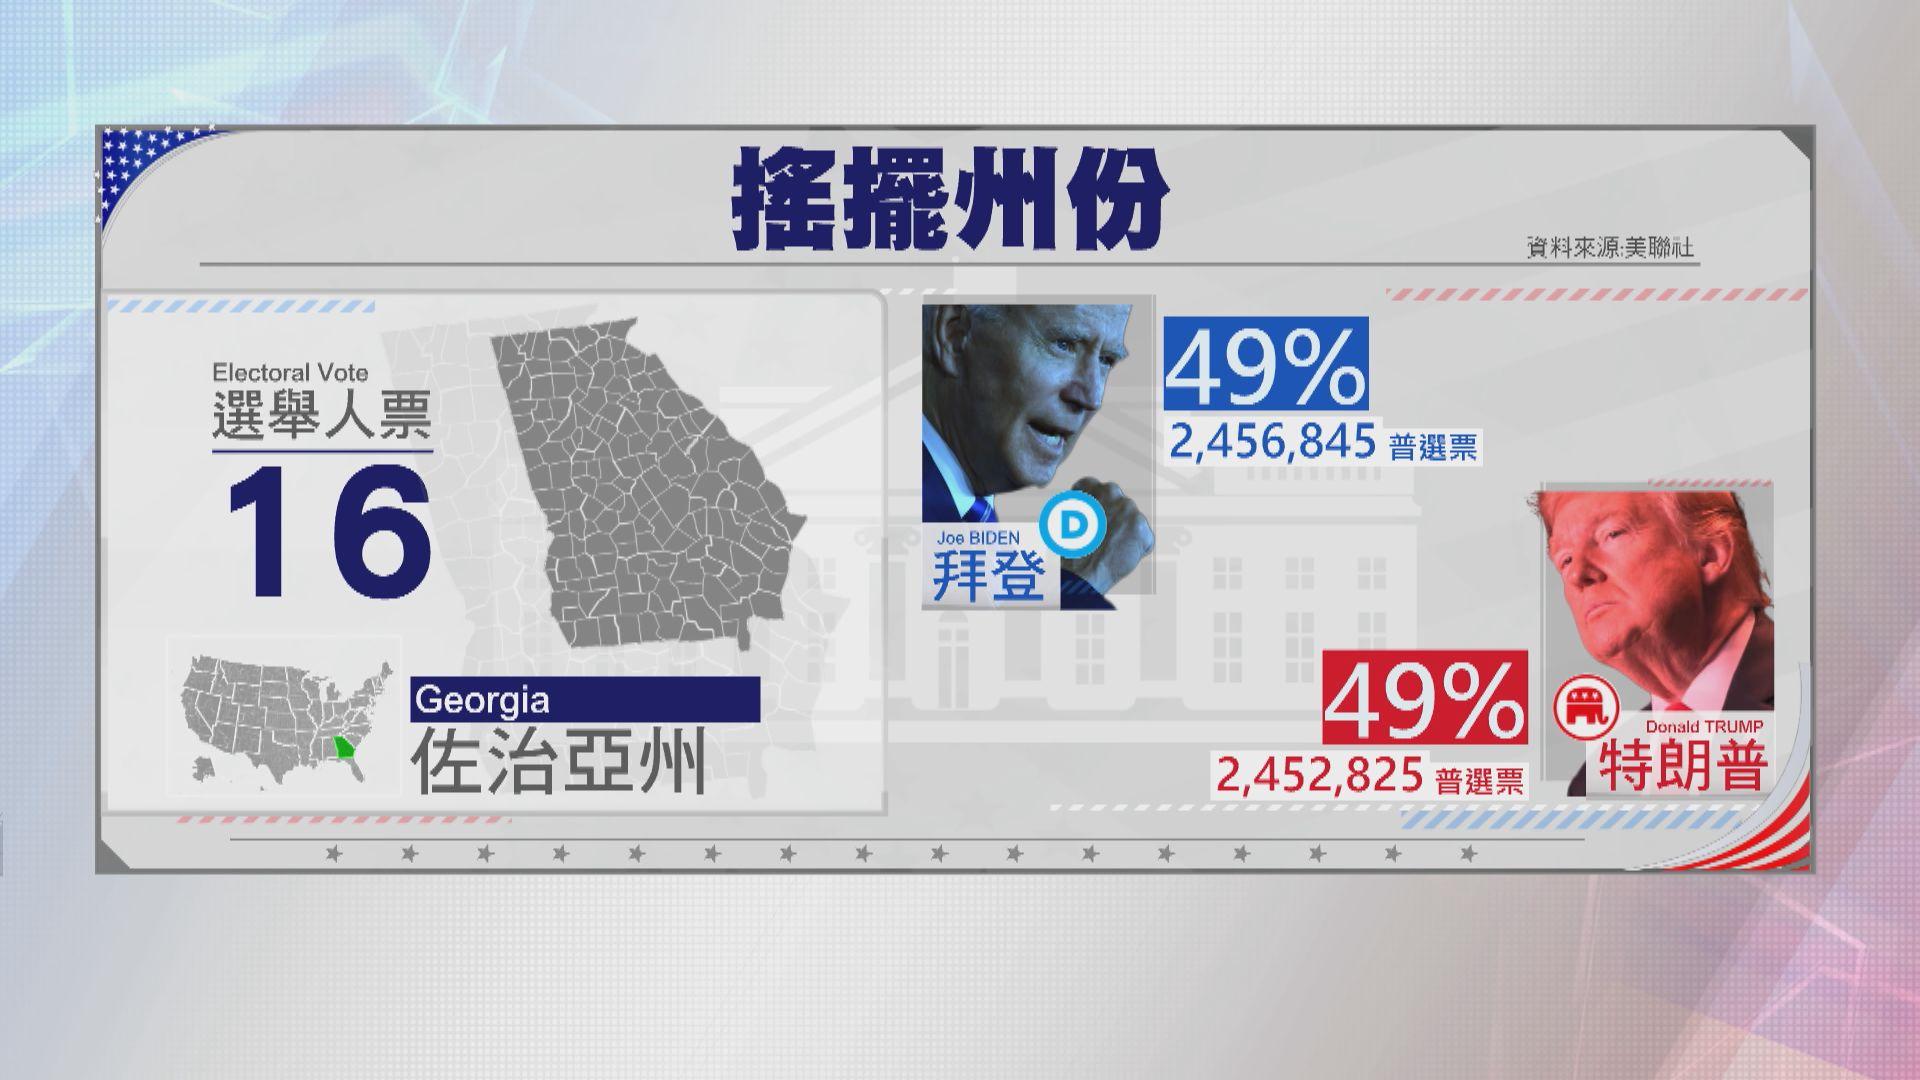 拜登於佐治亞州暫比特朗普多約四千票